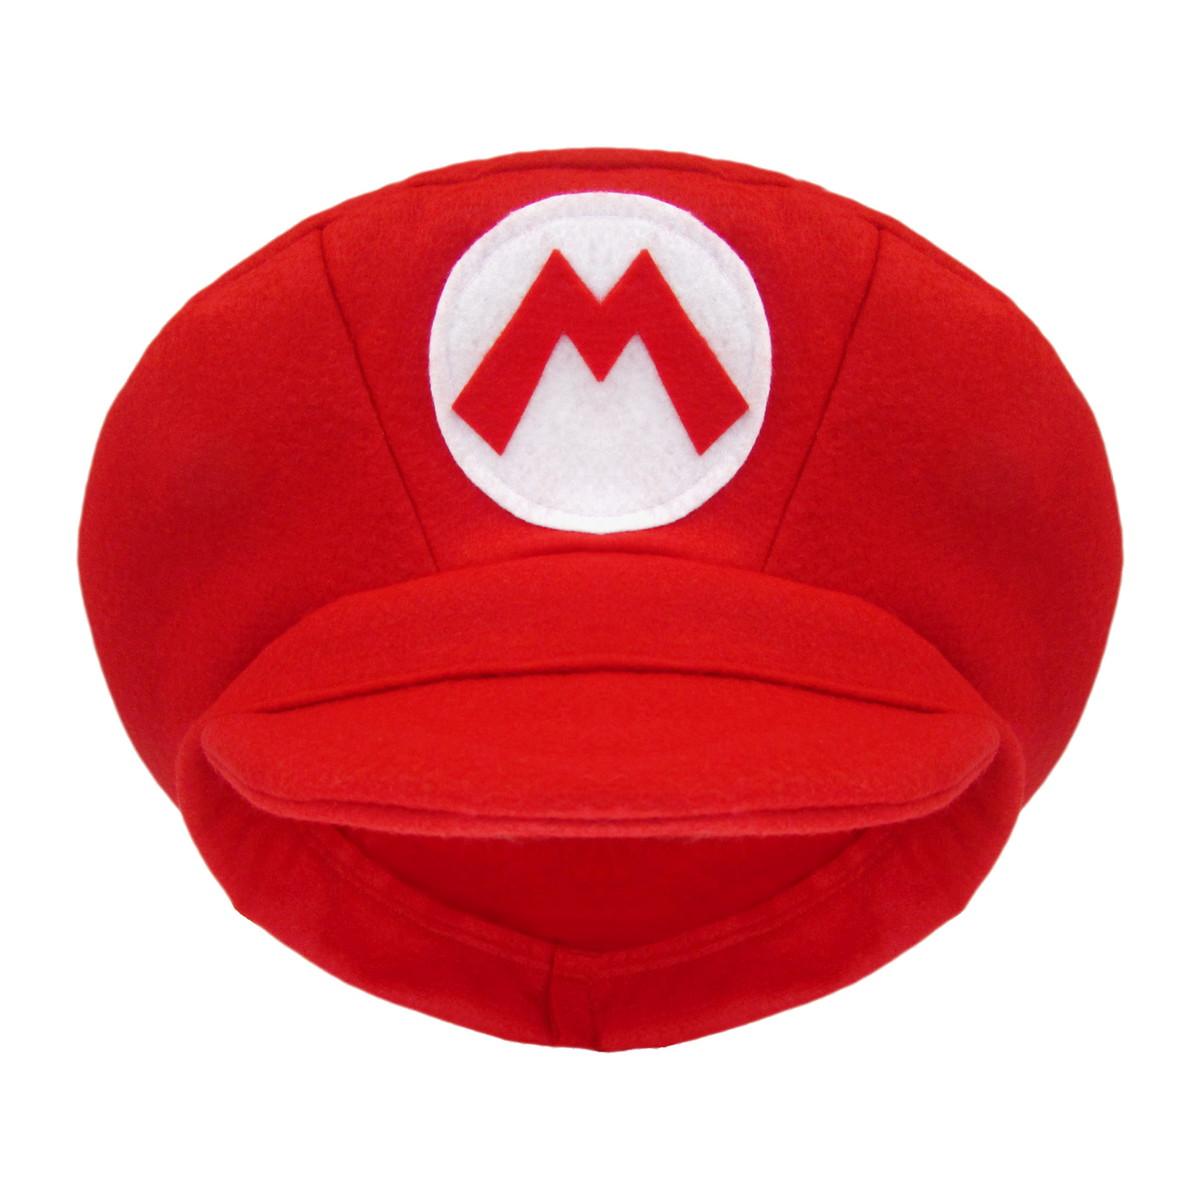 Boina   Chapéu   Boné Super Mario Bros Ou Luigi Em Feltro no Elo7 ... 020f0a8bdb3